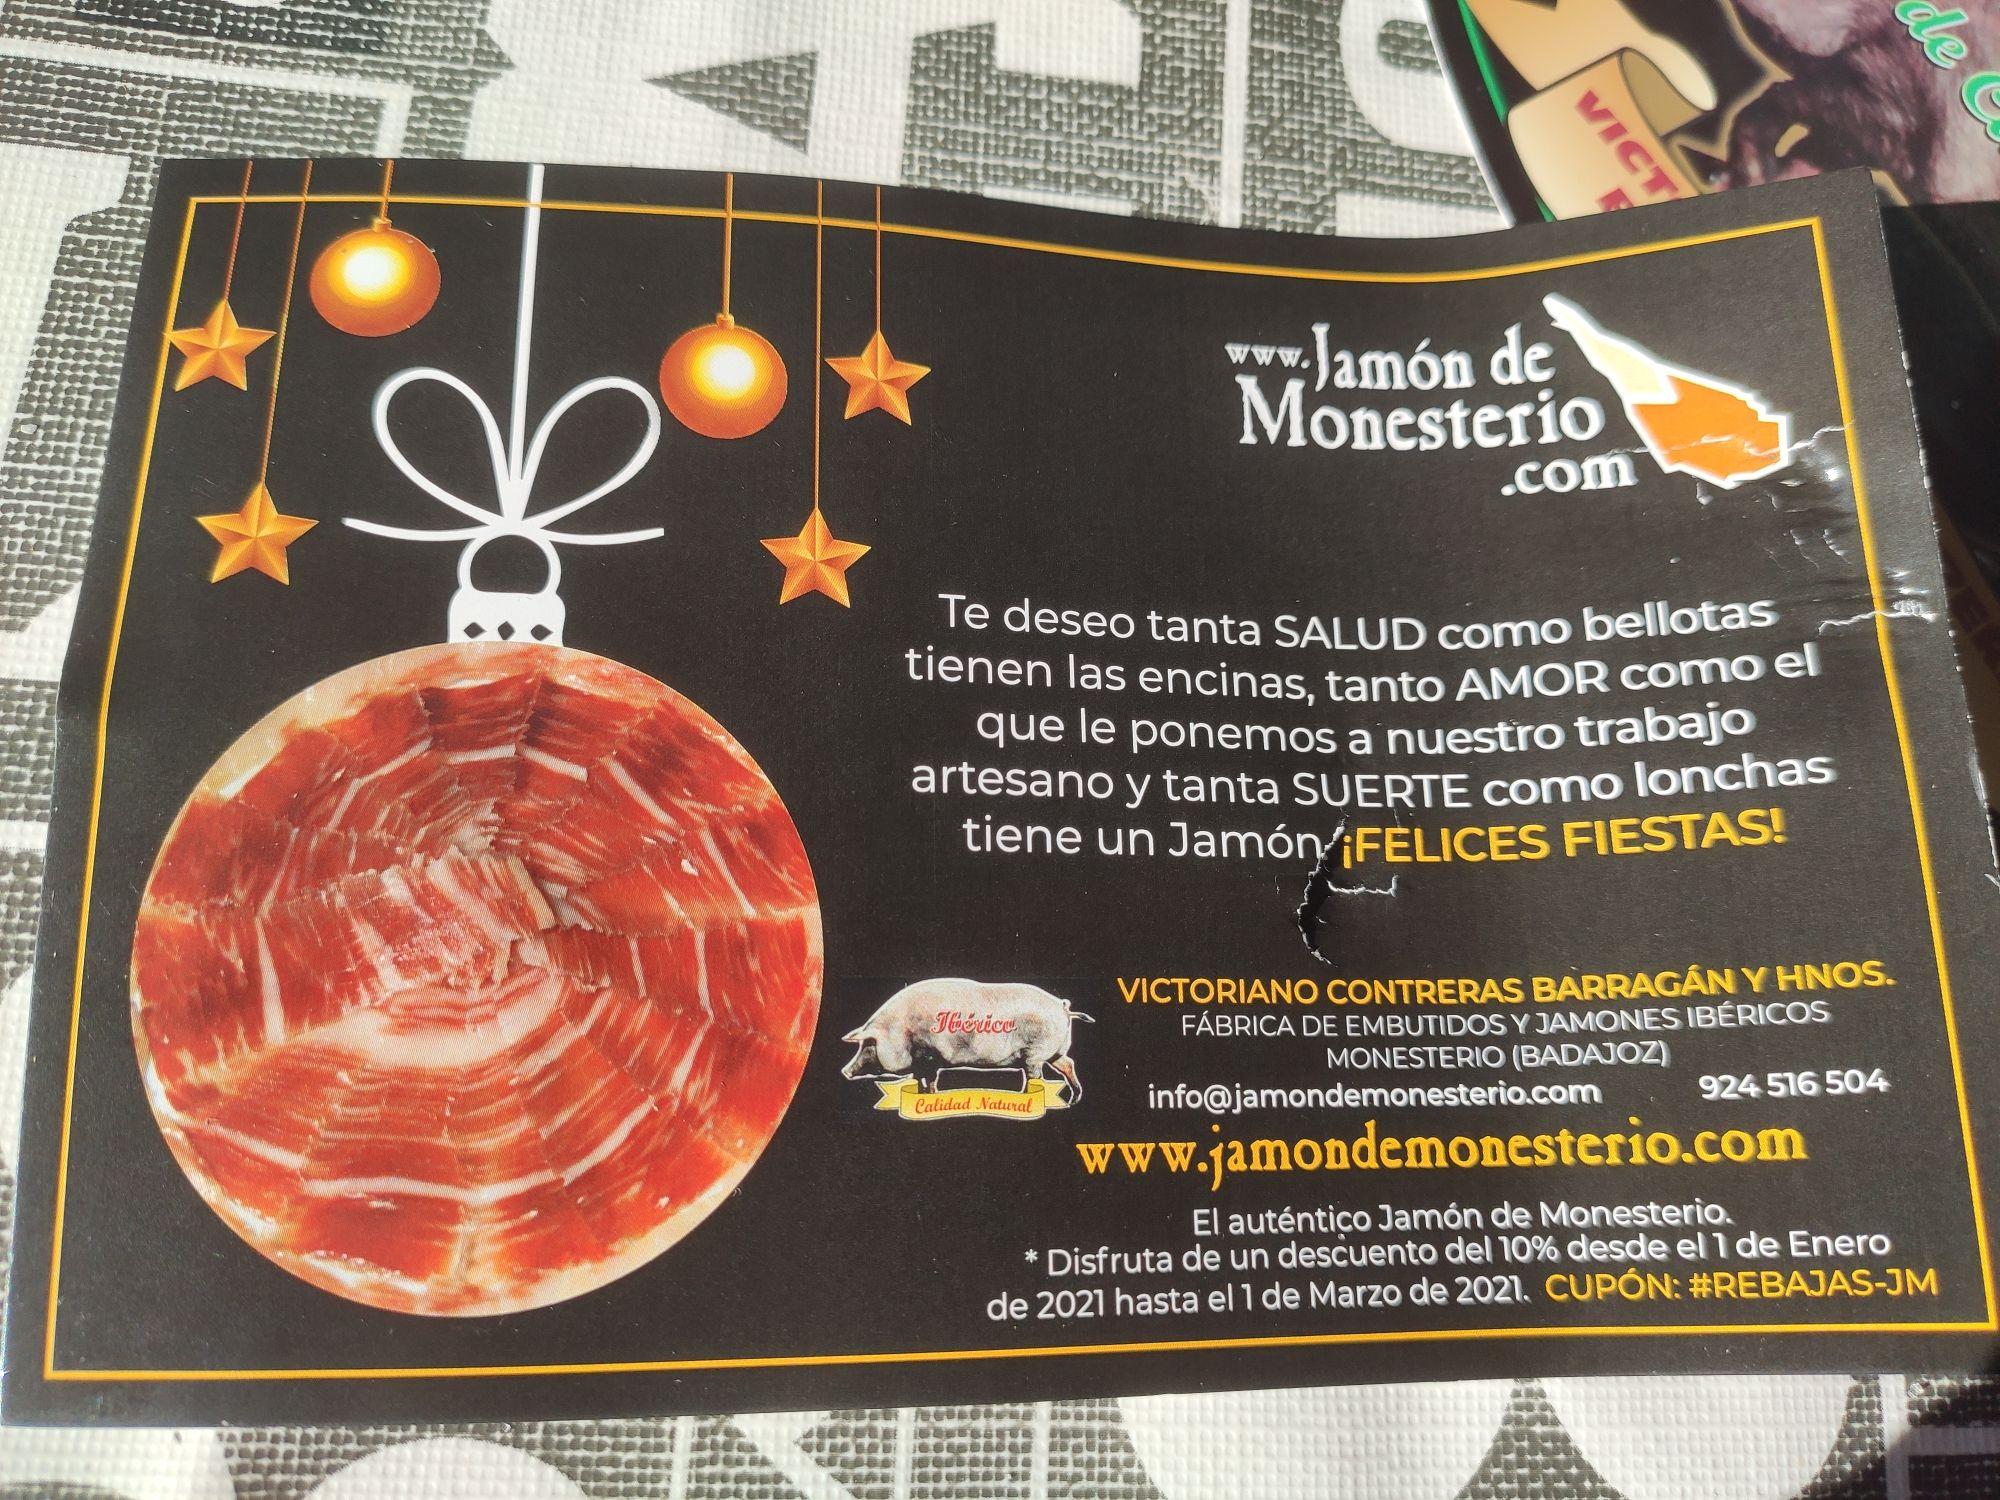 10% de descuento en la web de www.jamondemonesterio.com